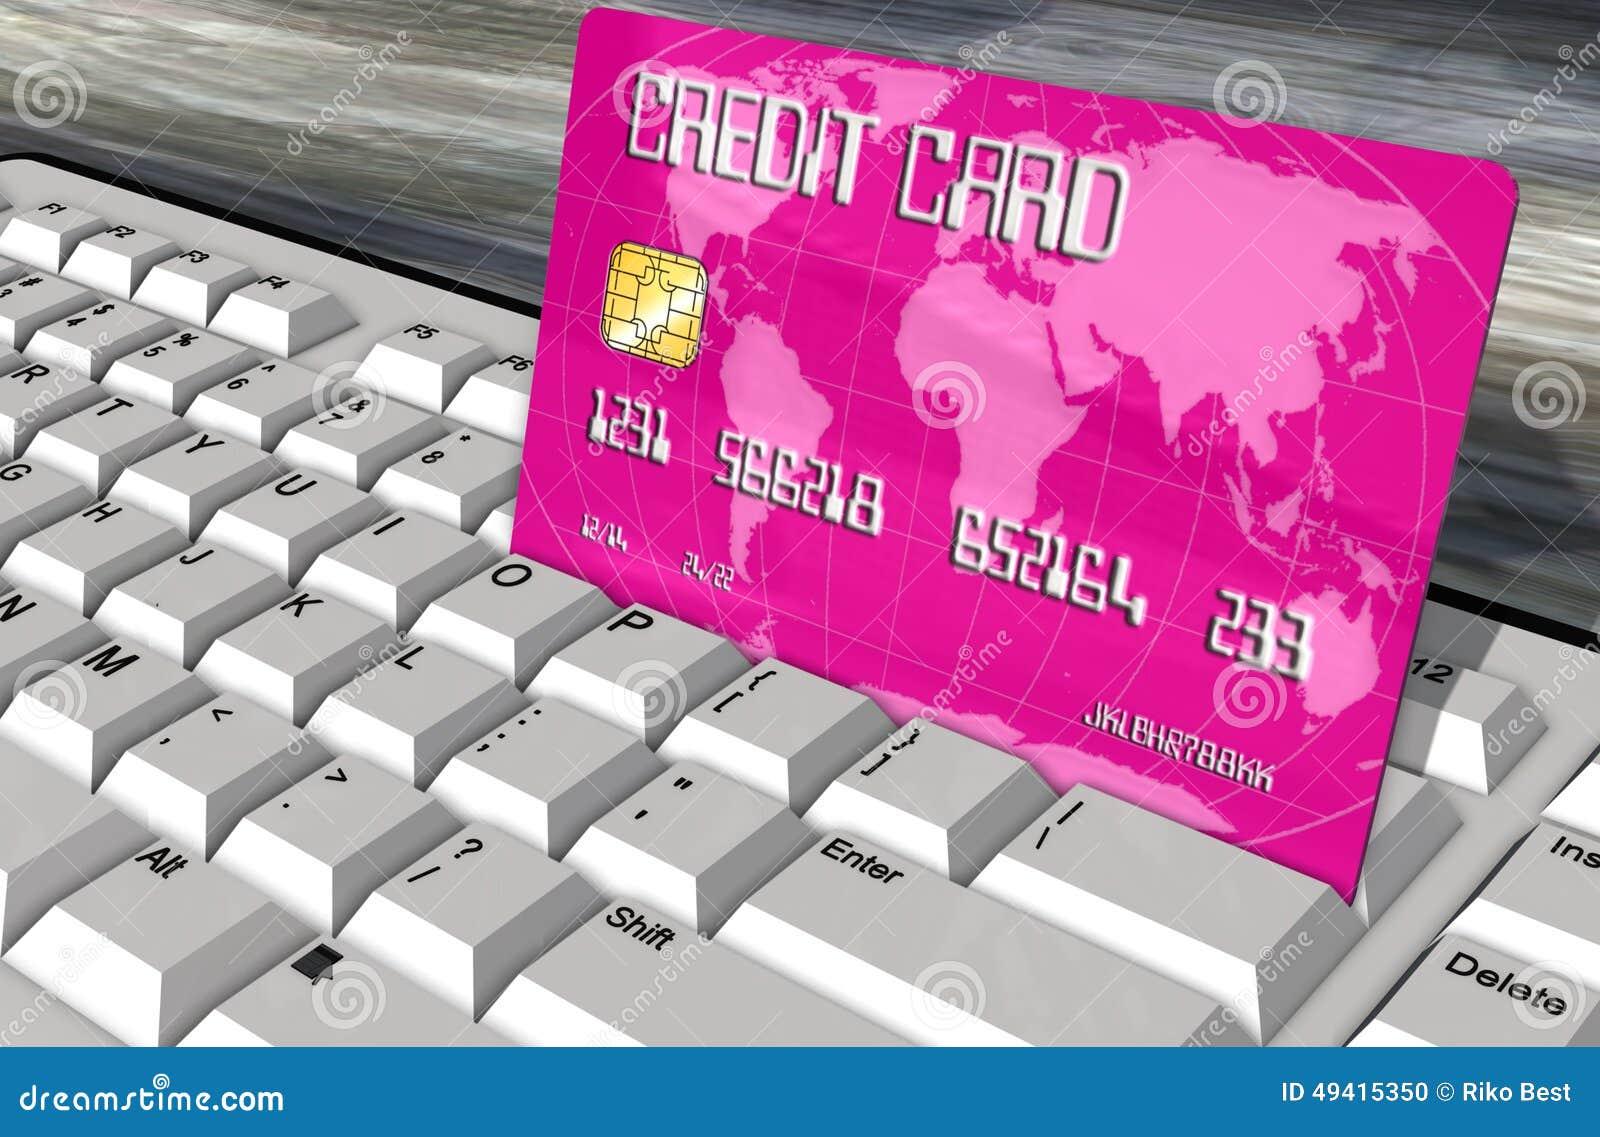 Download Kreditkarte Auf Computertastaturnahaufnahme Stock Abbildung - Illustration von gutschrift, computer: 49415350